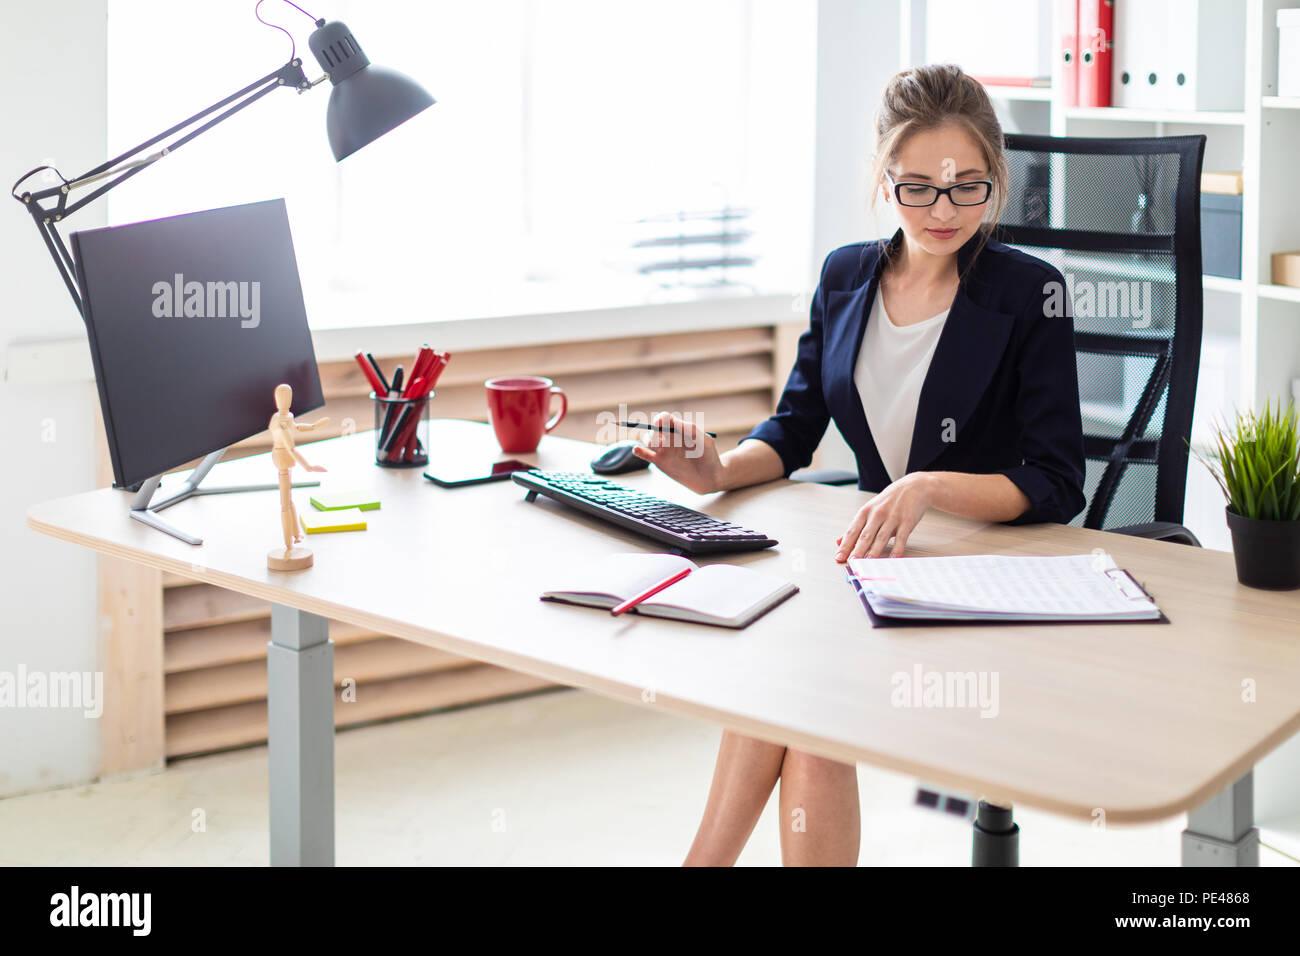 Una giovane ragazza è seduta a una scrivania per computer, tenendo in mano una matita in mano e lavorare con documenti. Immagini Stock